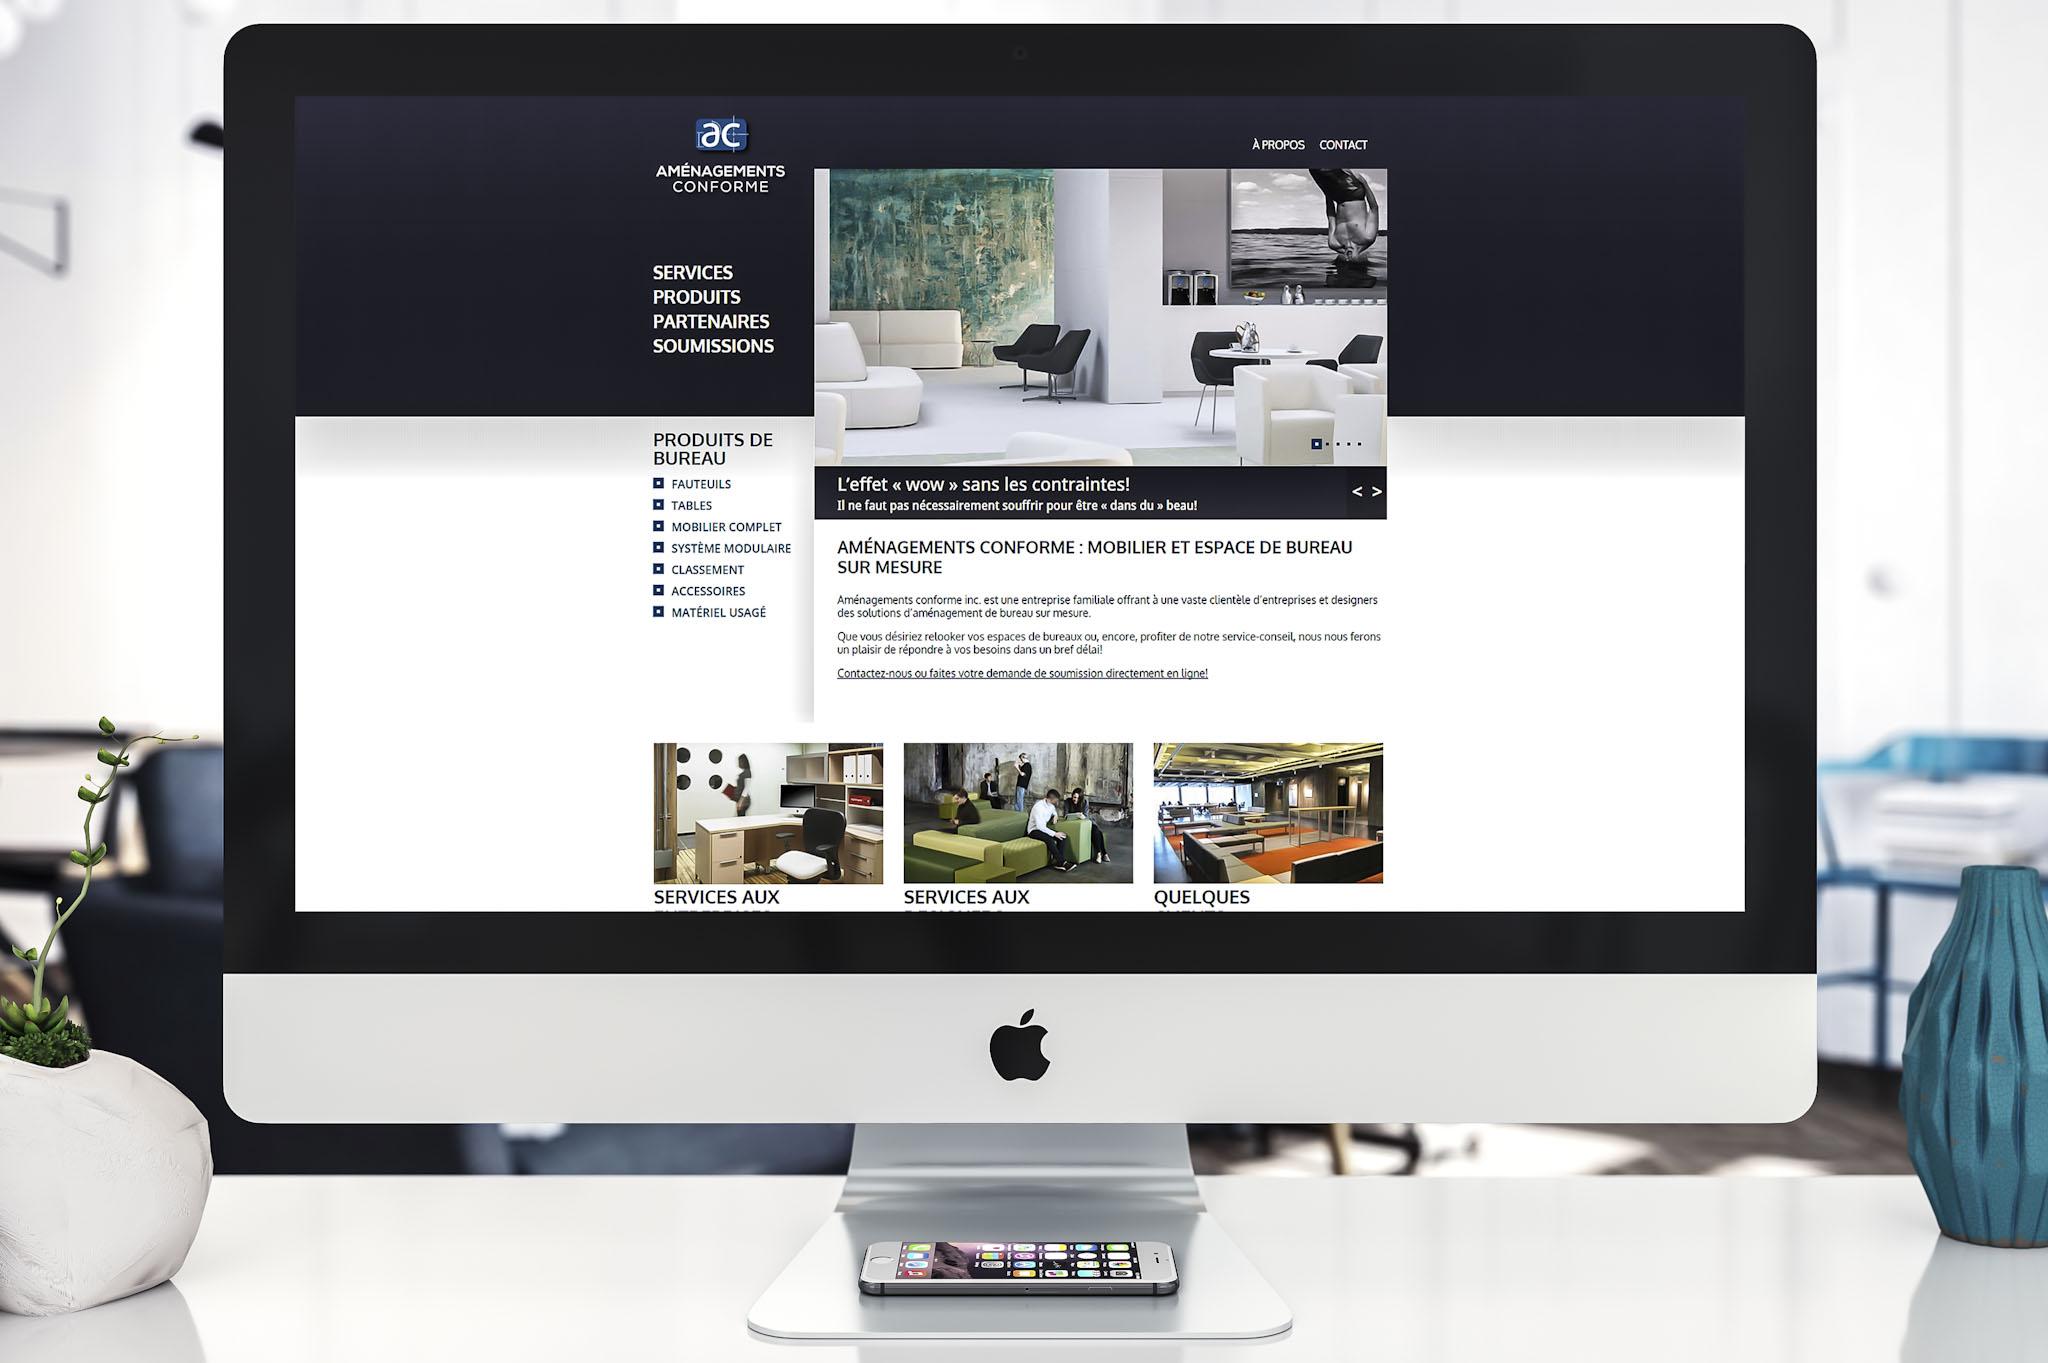 Site Web - Aménagements conforme